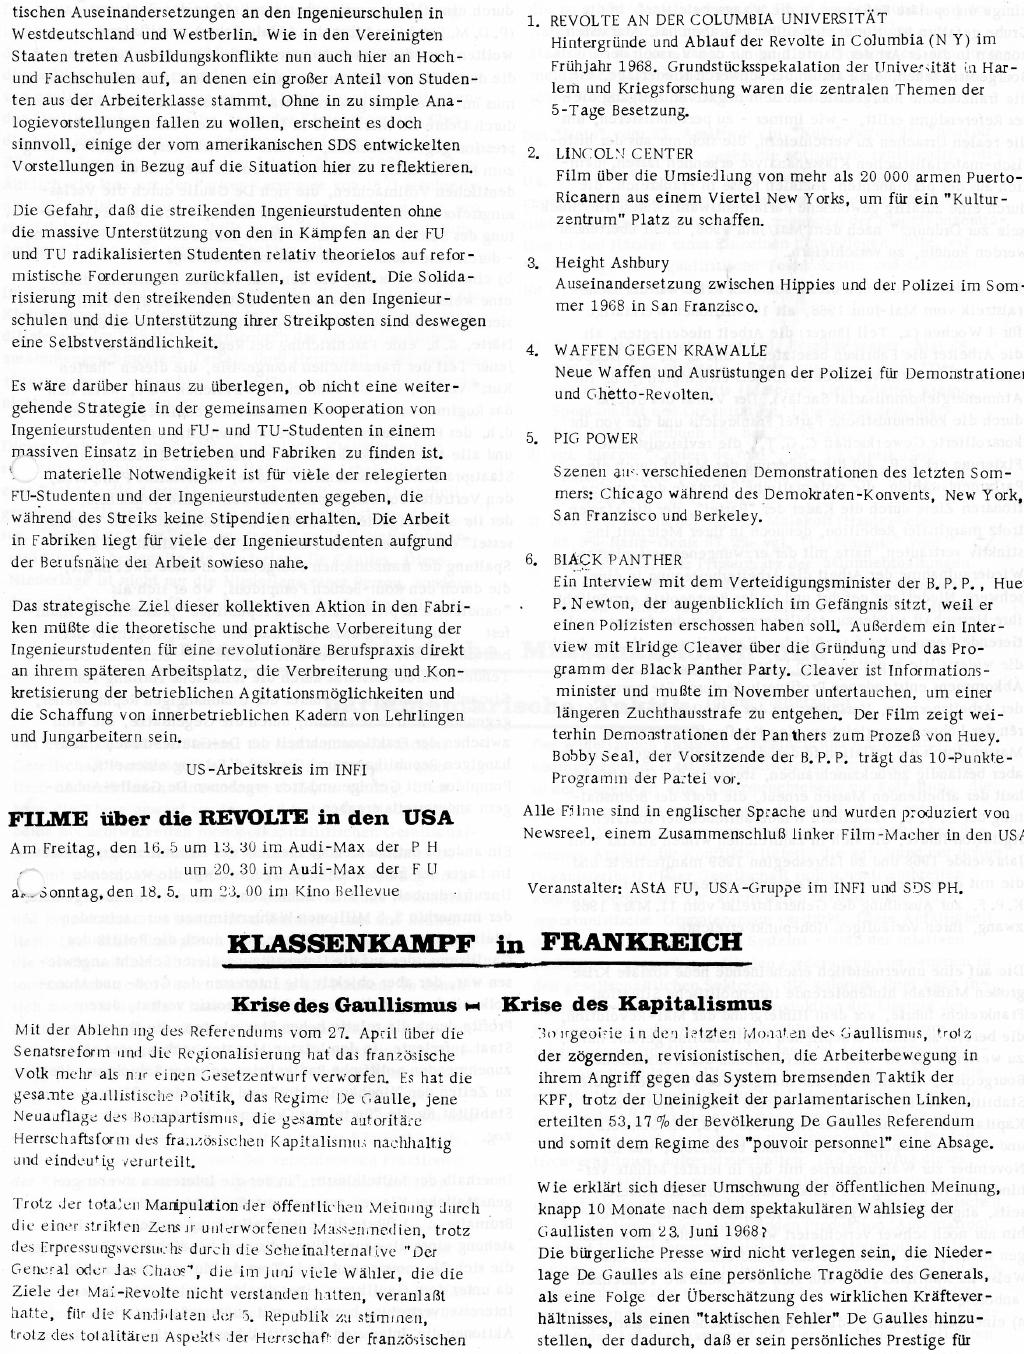 RPK_1969_013_05